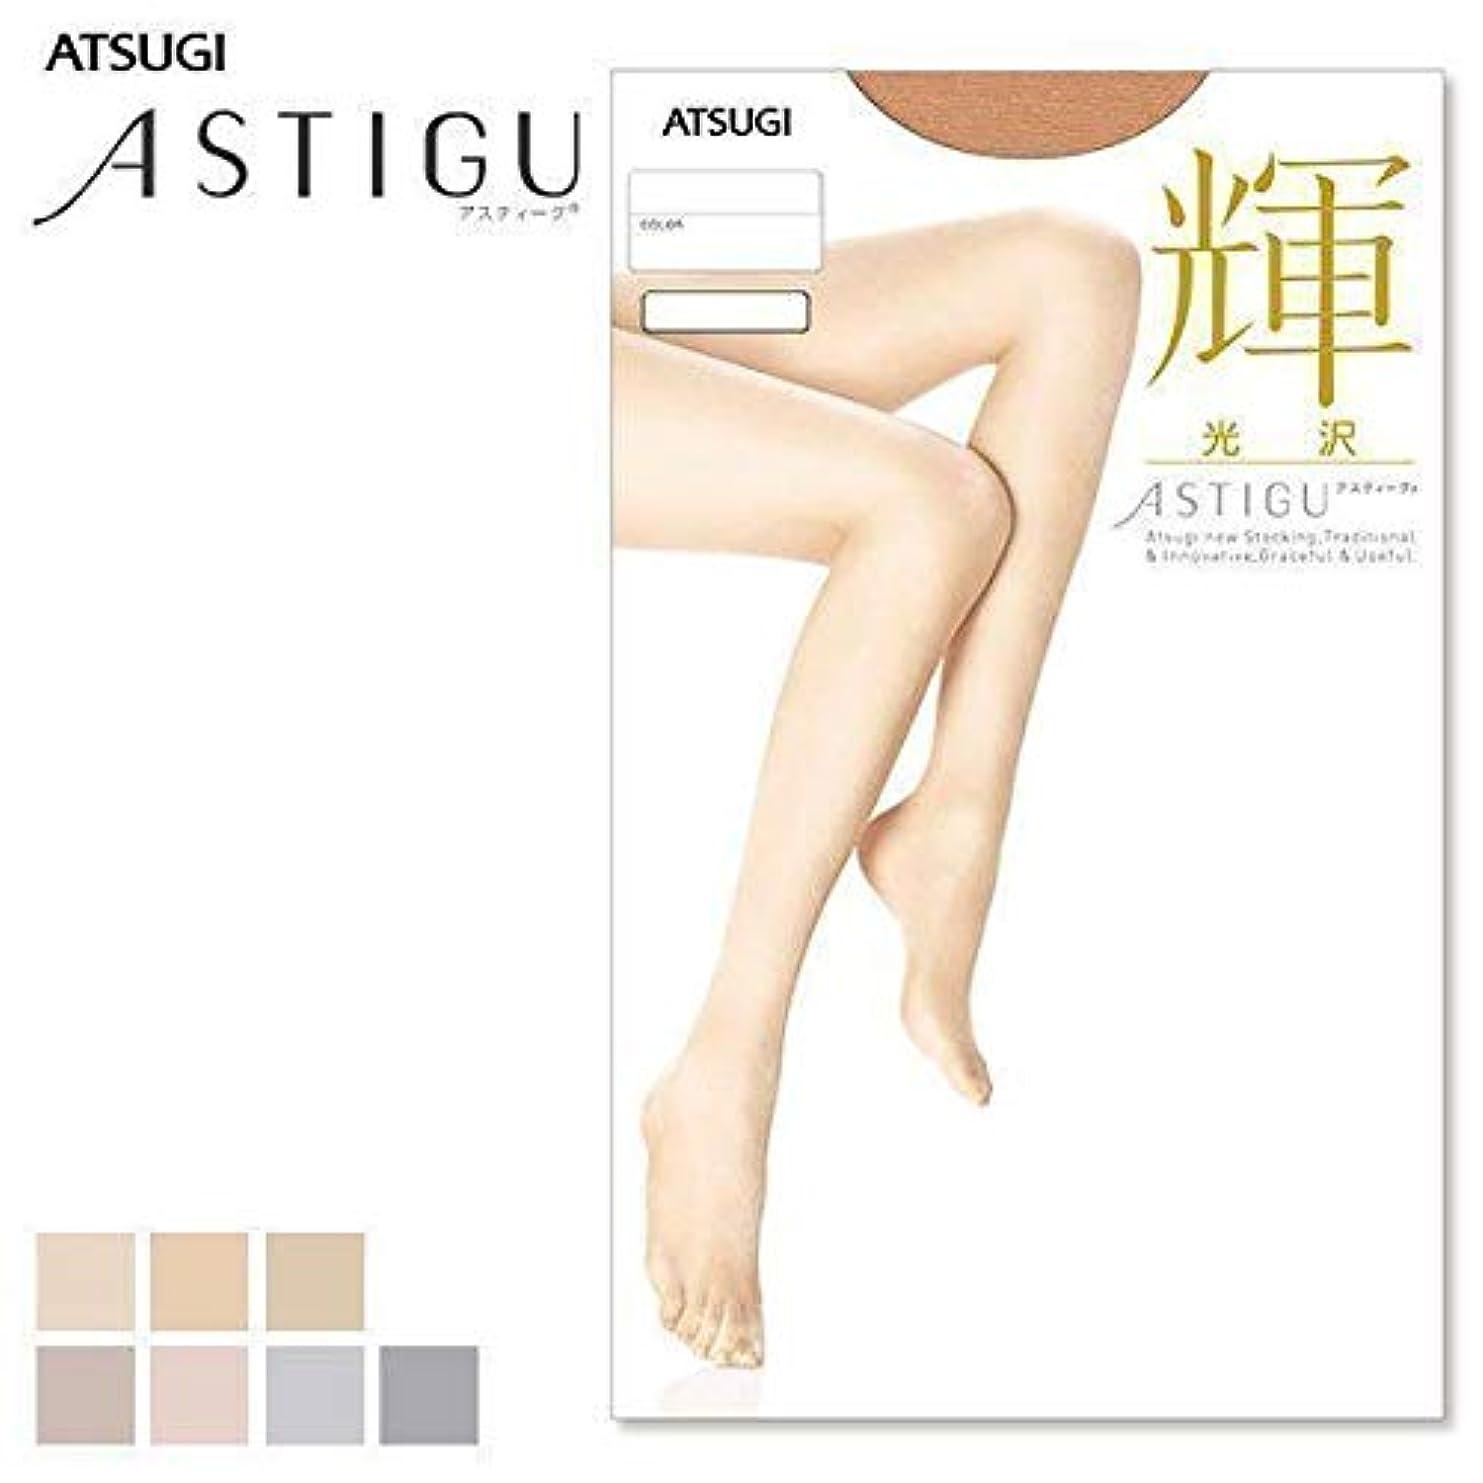 規則性歌旅行者アツギ ASTIGU(アスティーグ)輝(ベビーベージュ)サイズ M~L